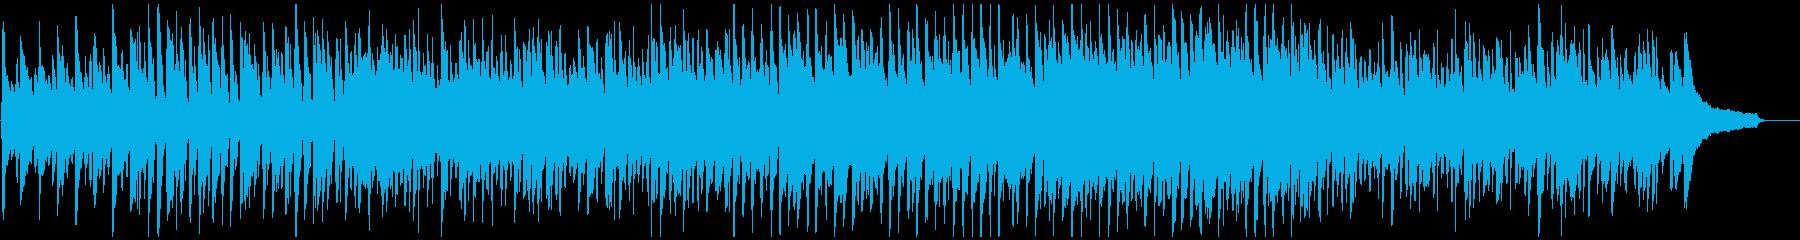 ハッピーで爽やか、楽しい明るいウクレレ曲の再生済みの波形